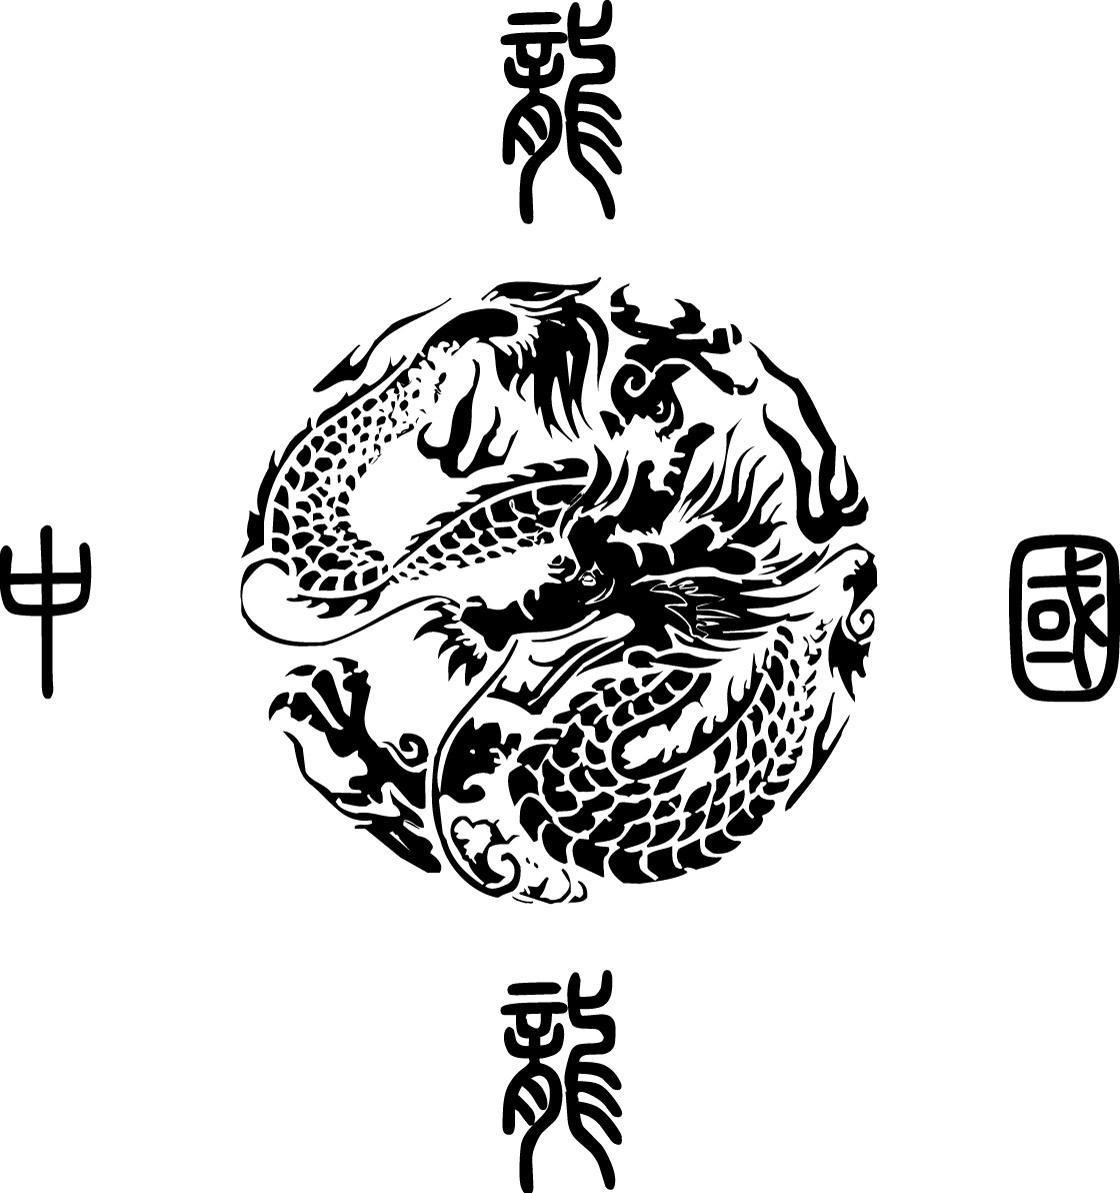 中国传统文化[中国龙水墨画]